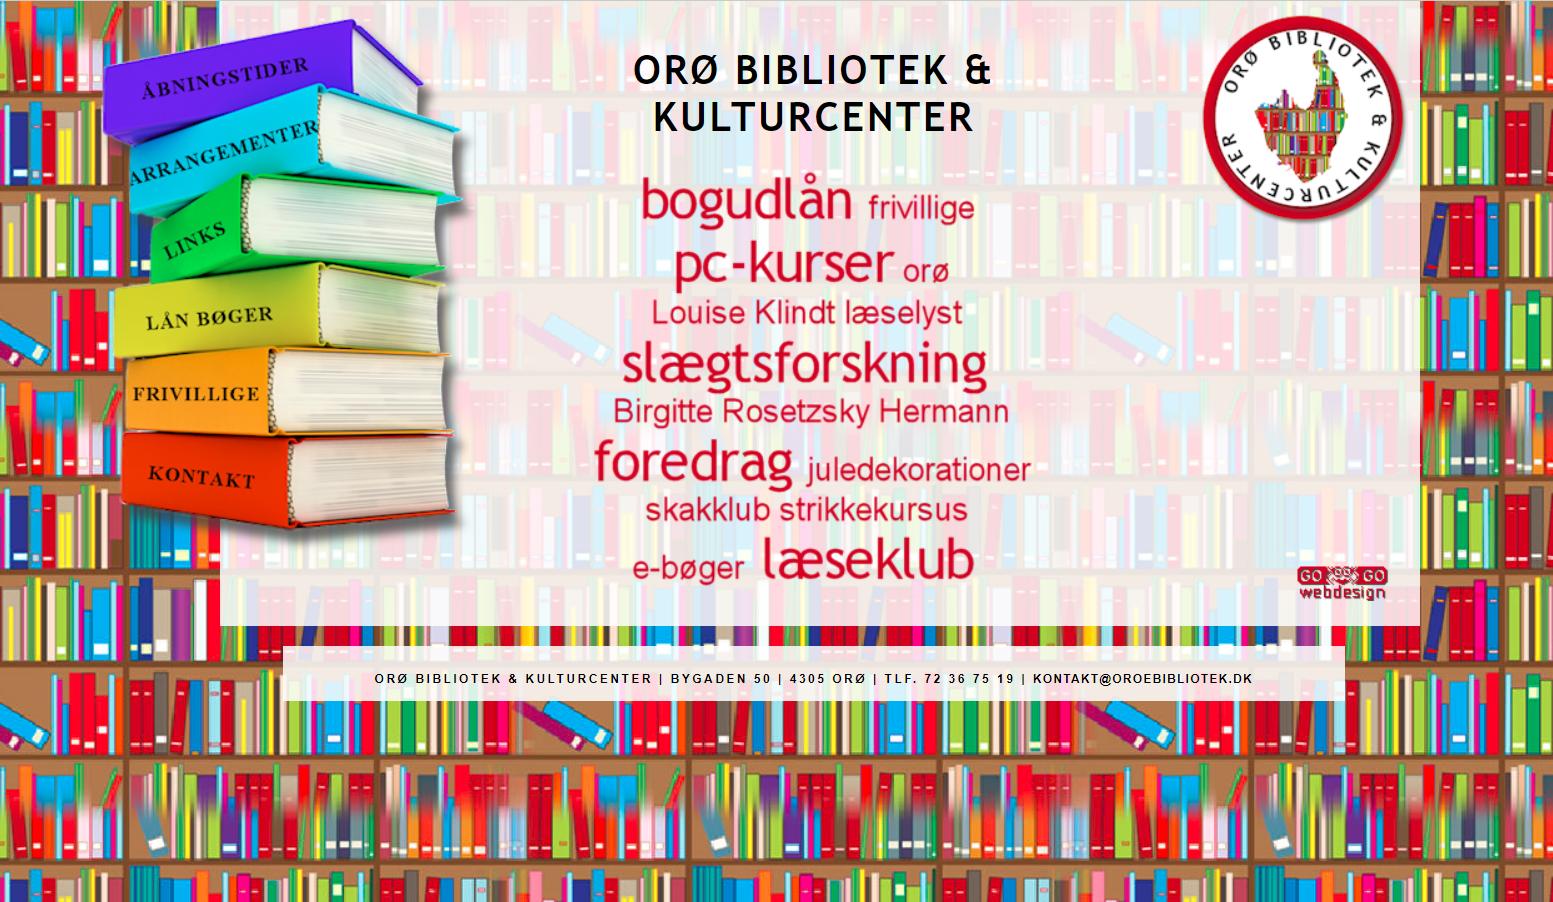 oroebibliotek.dk